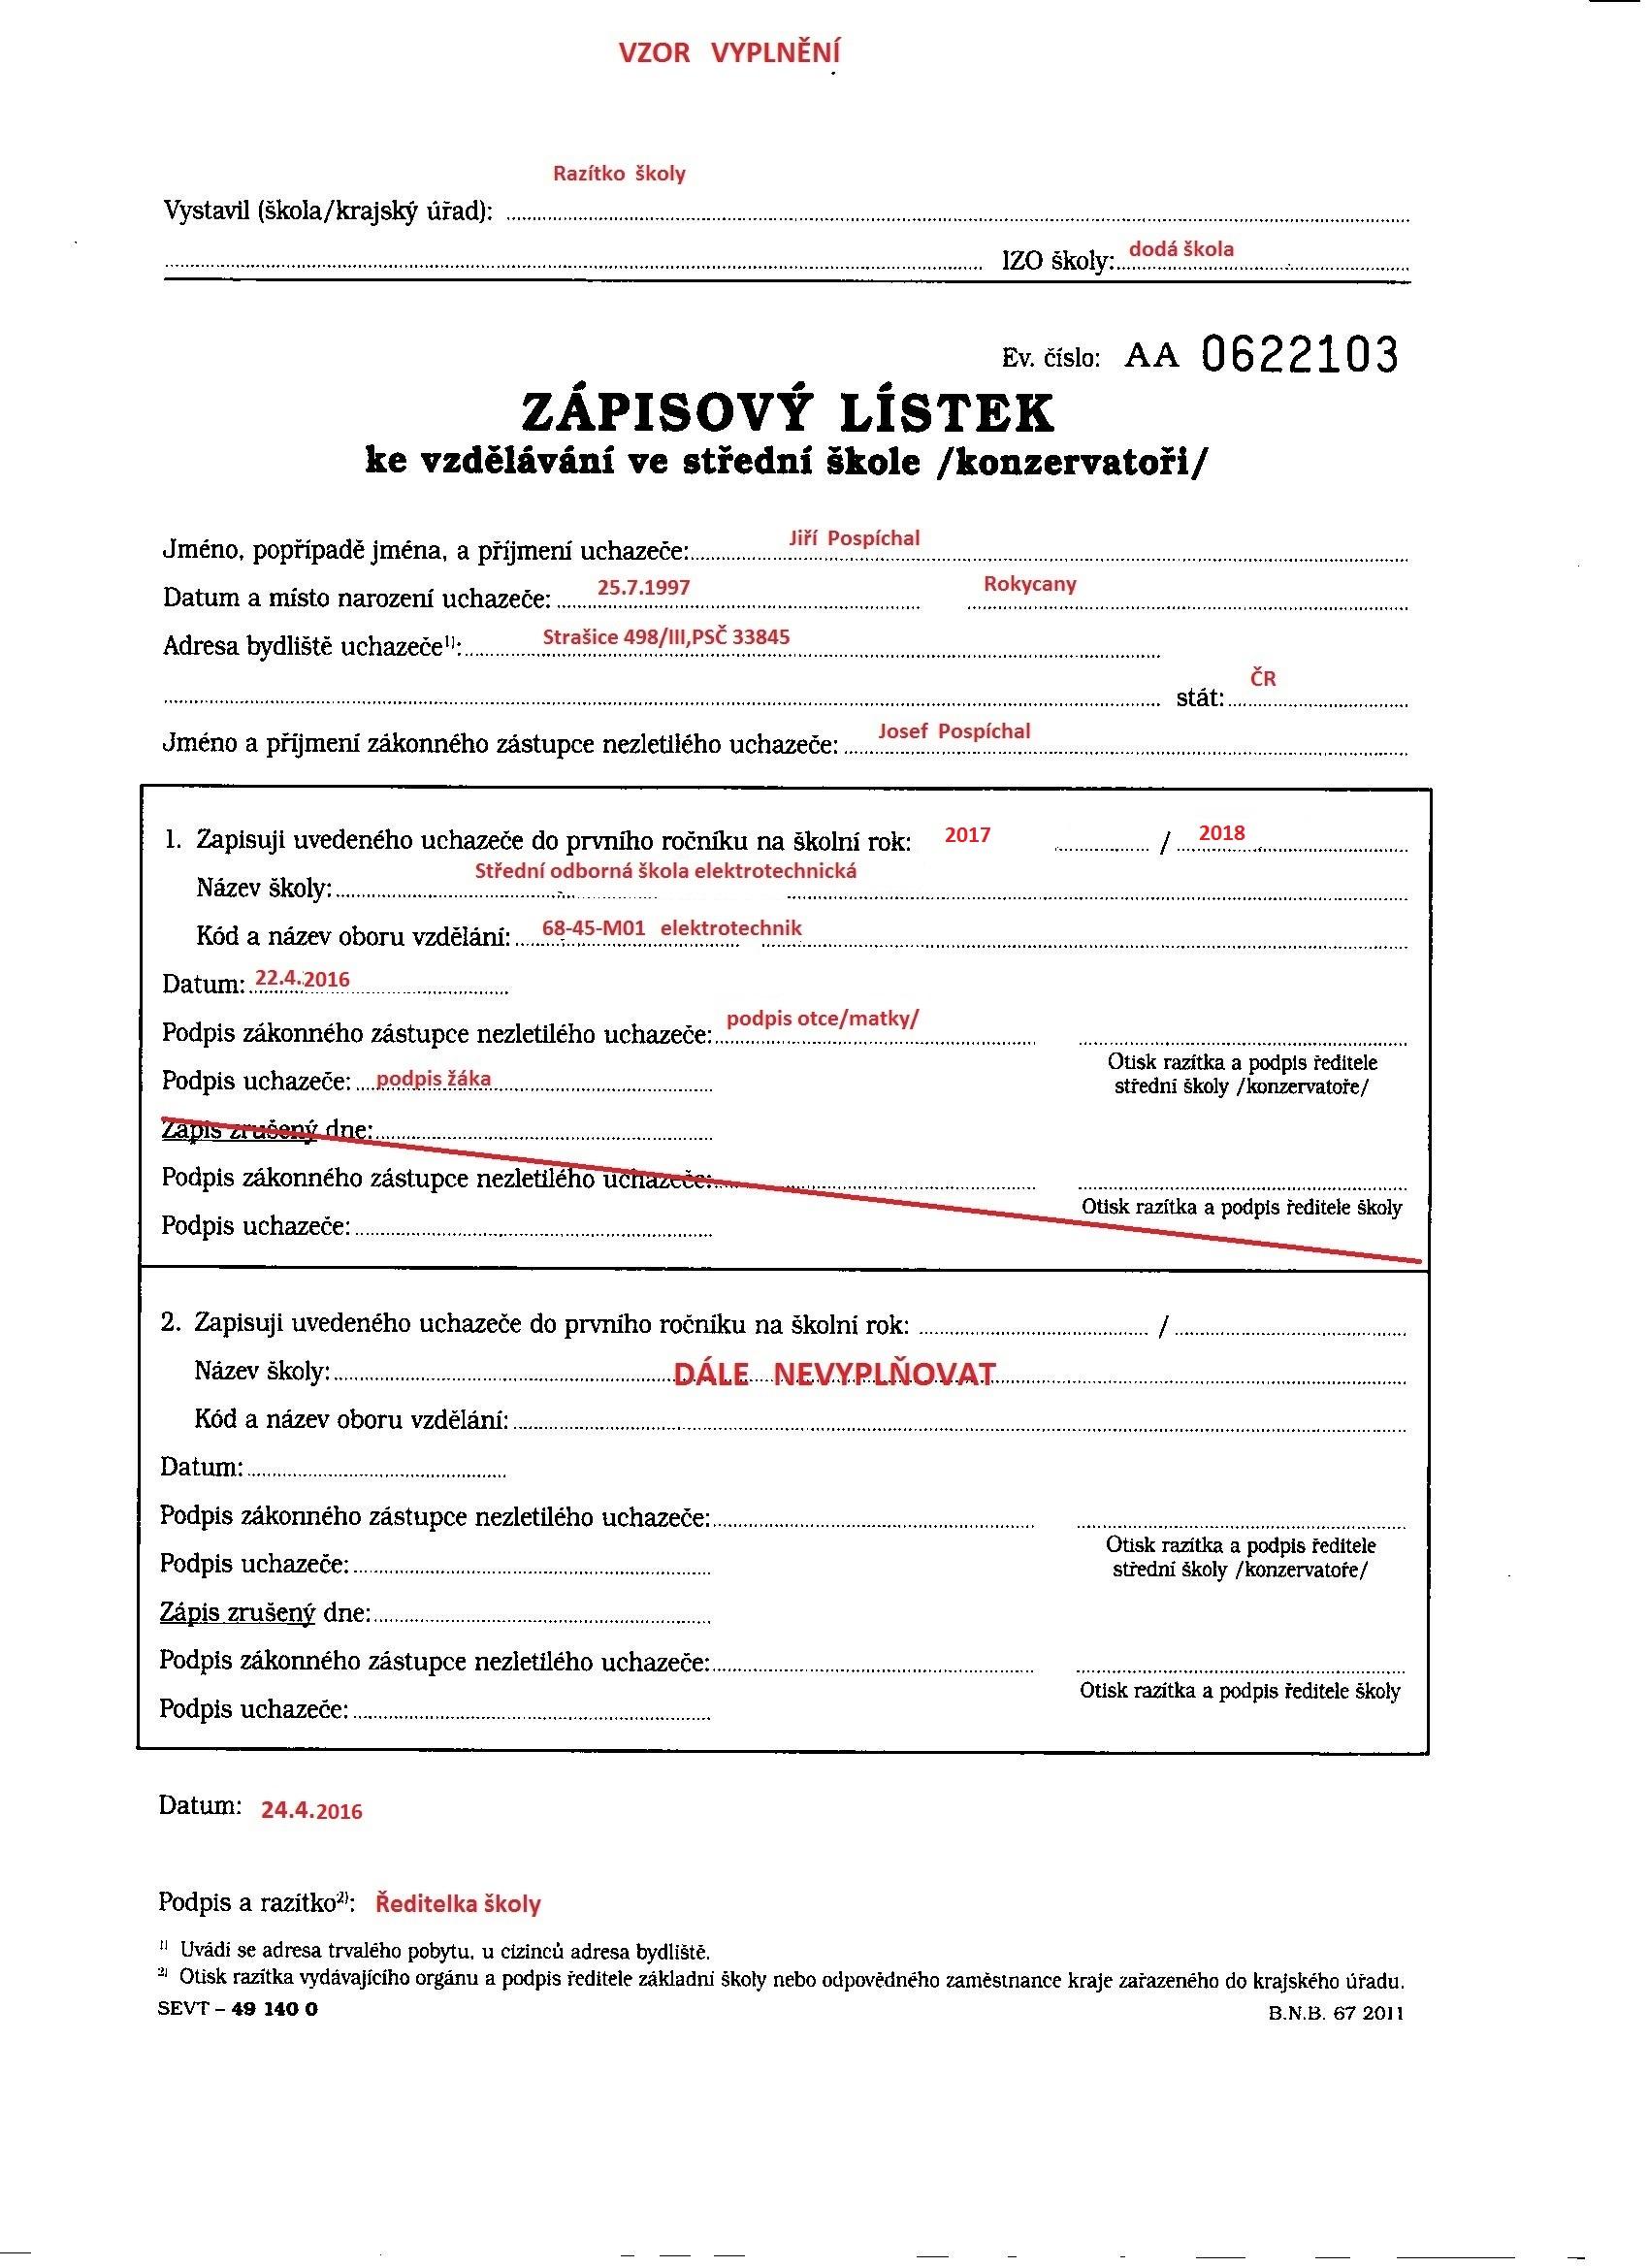 Podmínky pro přijetí - Střední odborná škola Jana Tiraye Velká Bíteš 1931ab29b0f